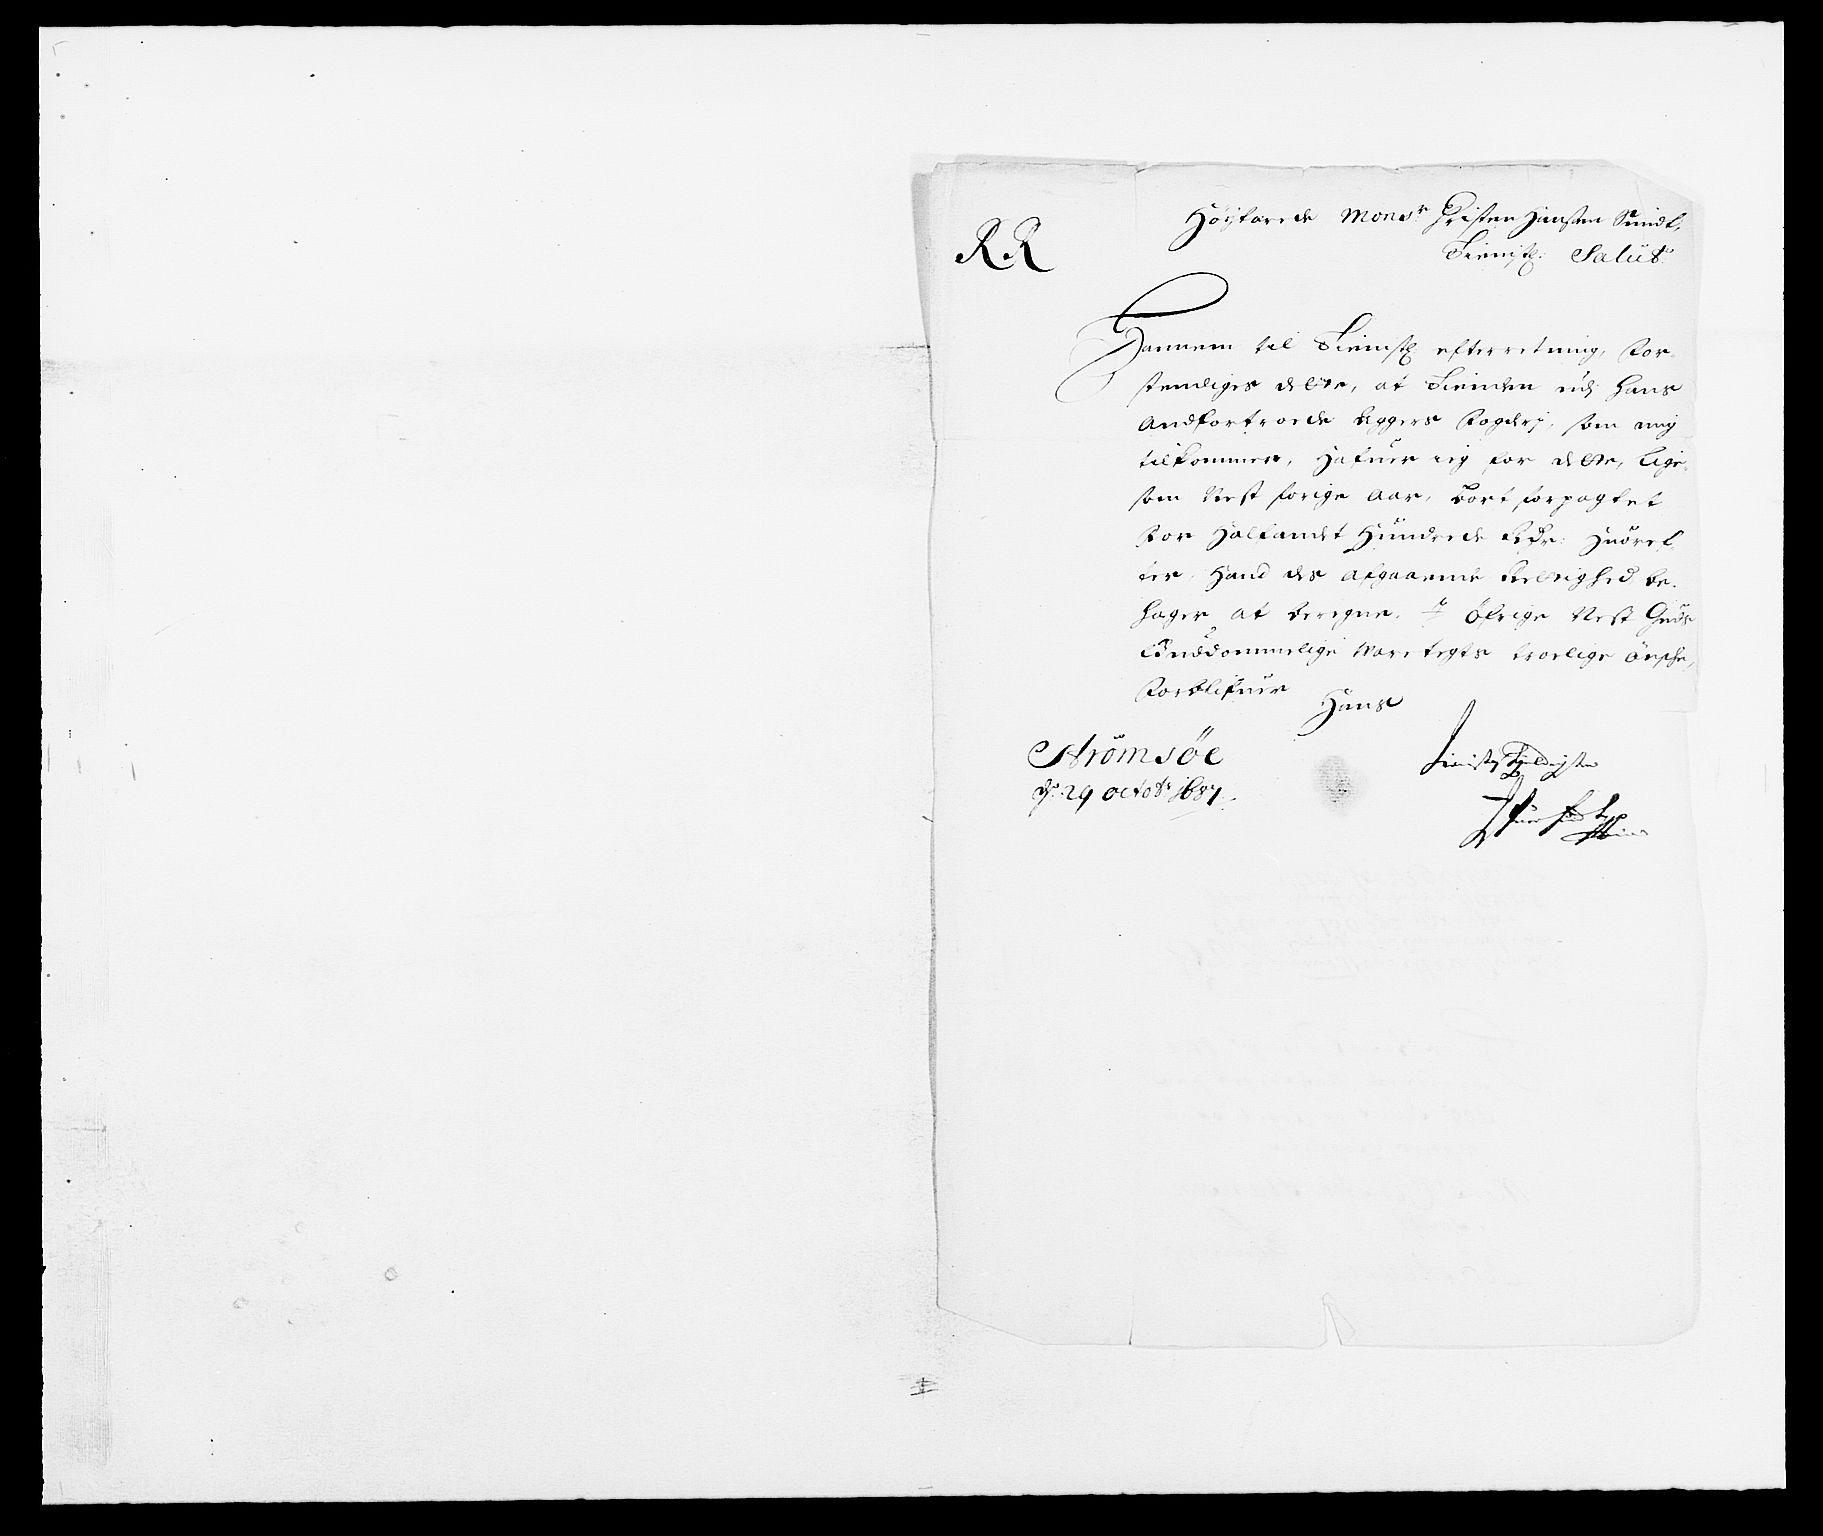 RA, Rentekammeret inntil 1814, Reviderte regnskaper, Fogderegnskap, R08/L0422: Fogderegnskap Aker, 1684-1686, s. 155